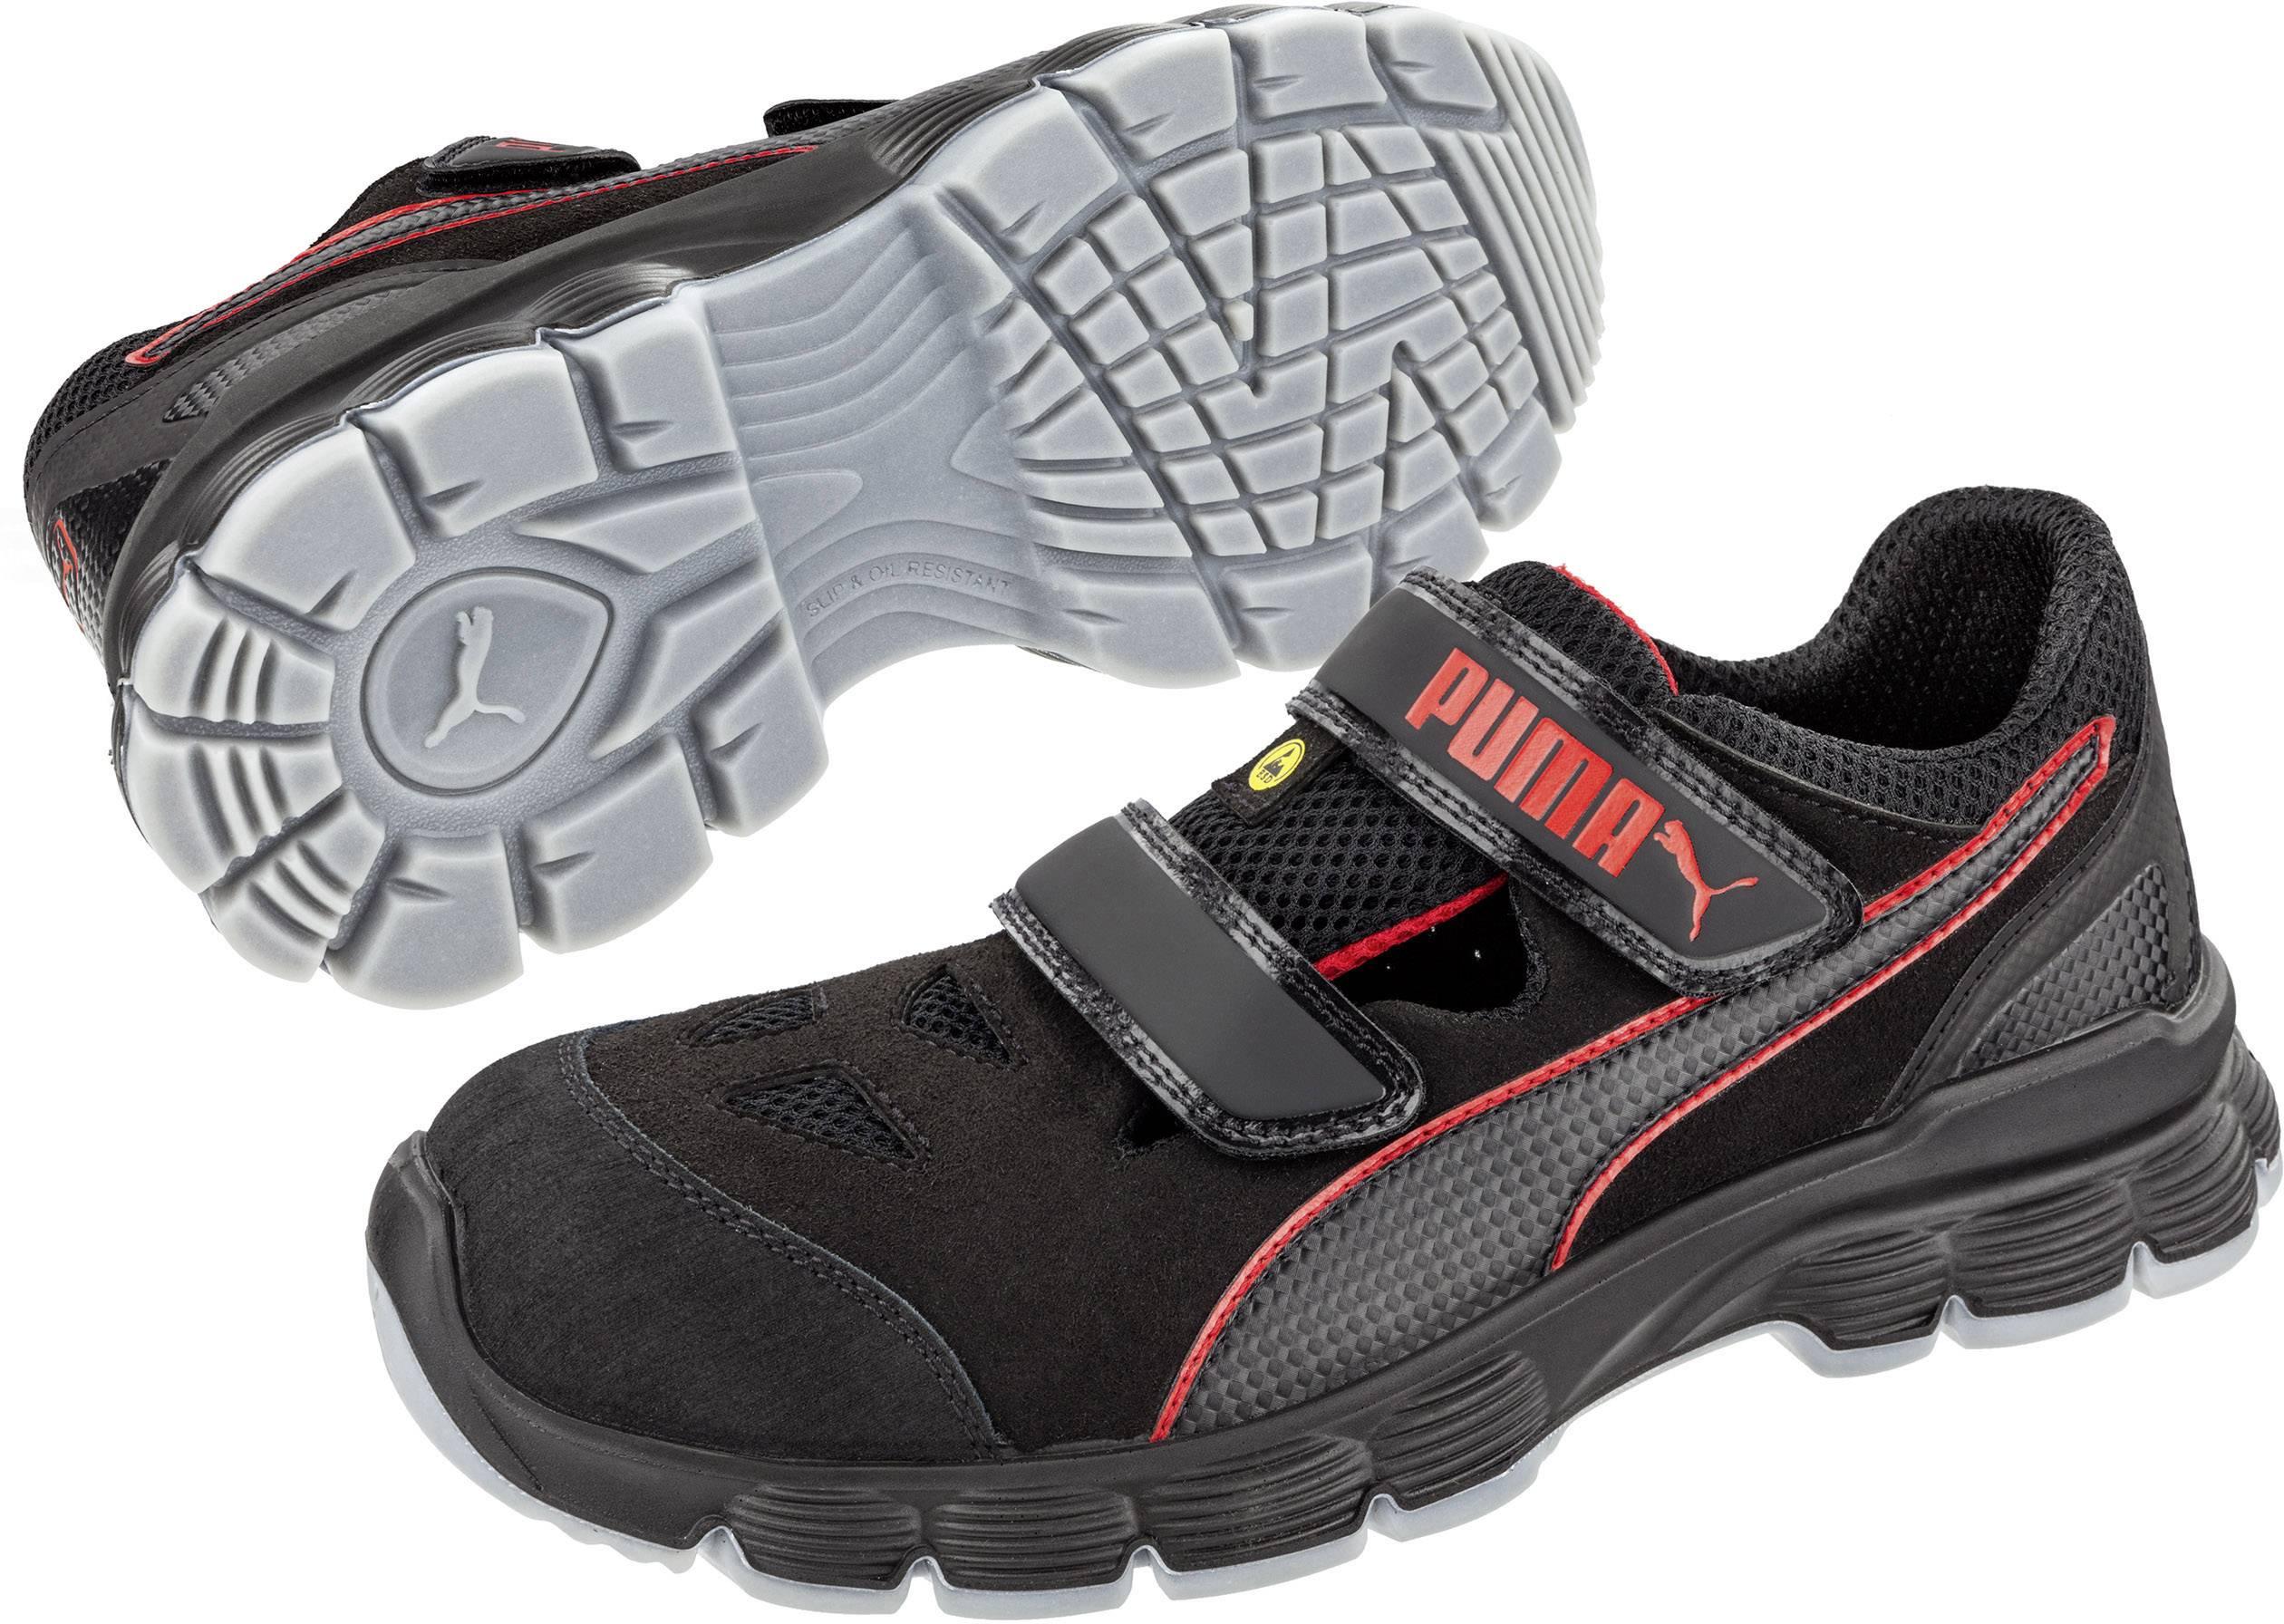 Bezpečnostná obuv ESD (antistatická) S1P PUMA Safety Aviat Low ESD SRC 640891-43, veľ.: 43, čierna, červená, 1 pár